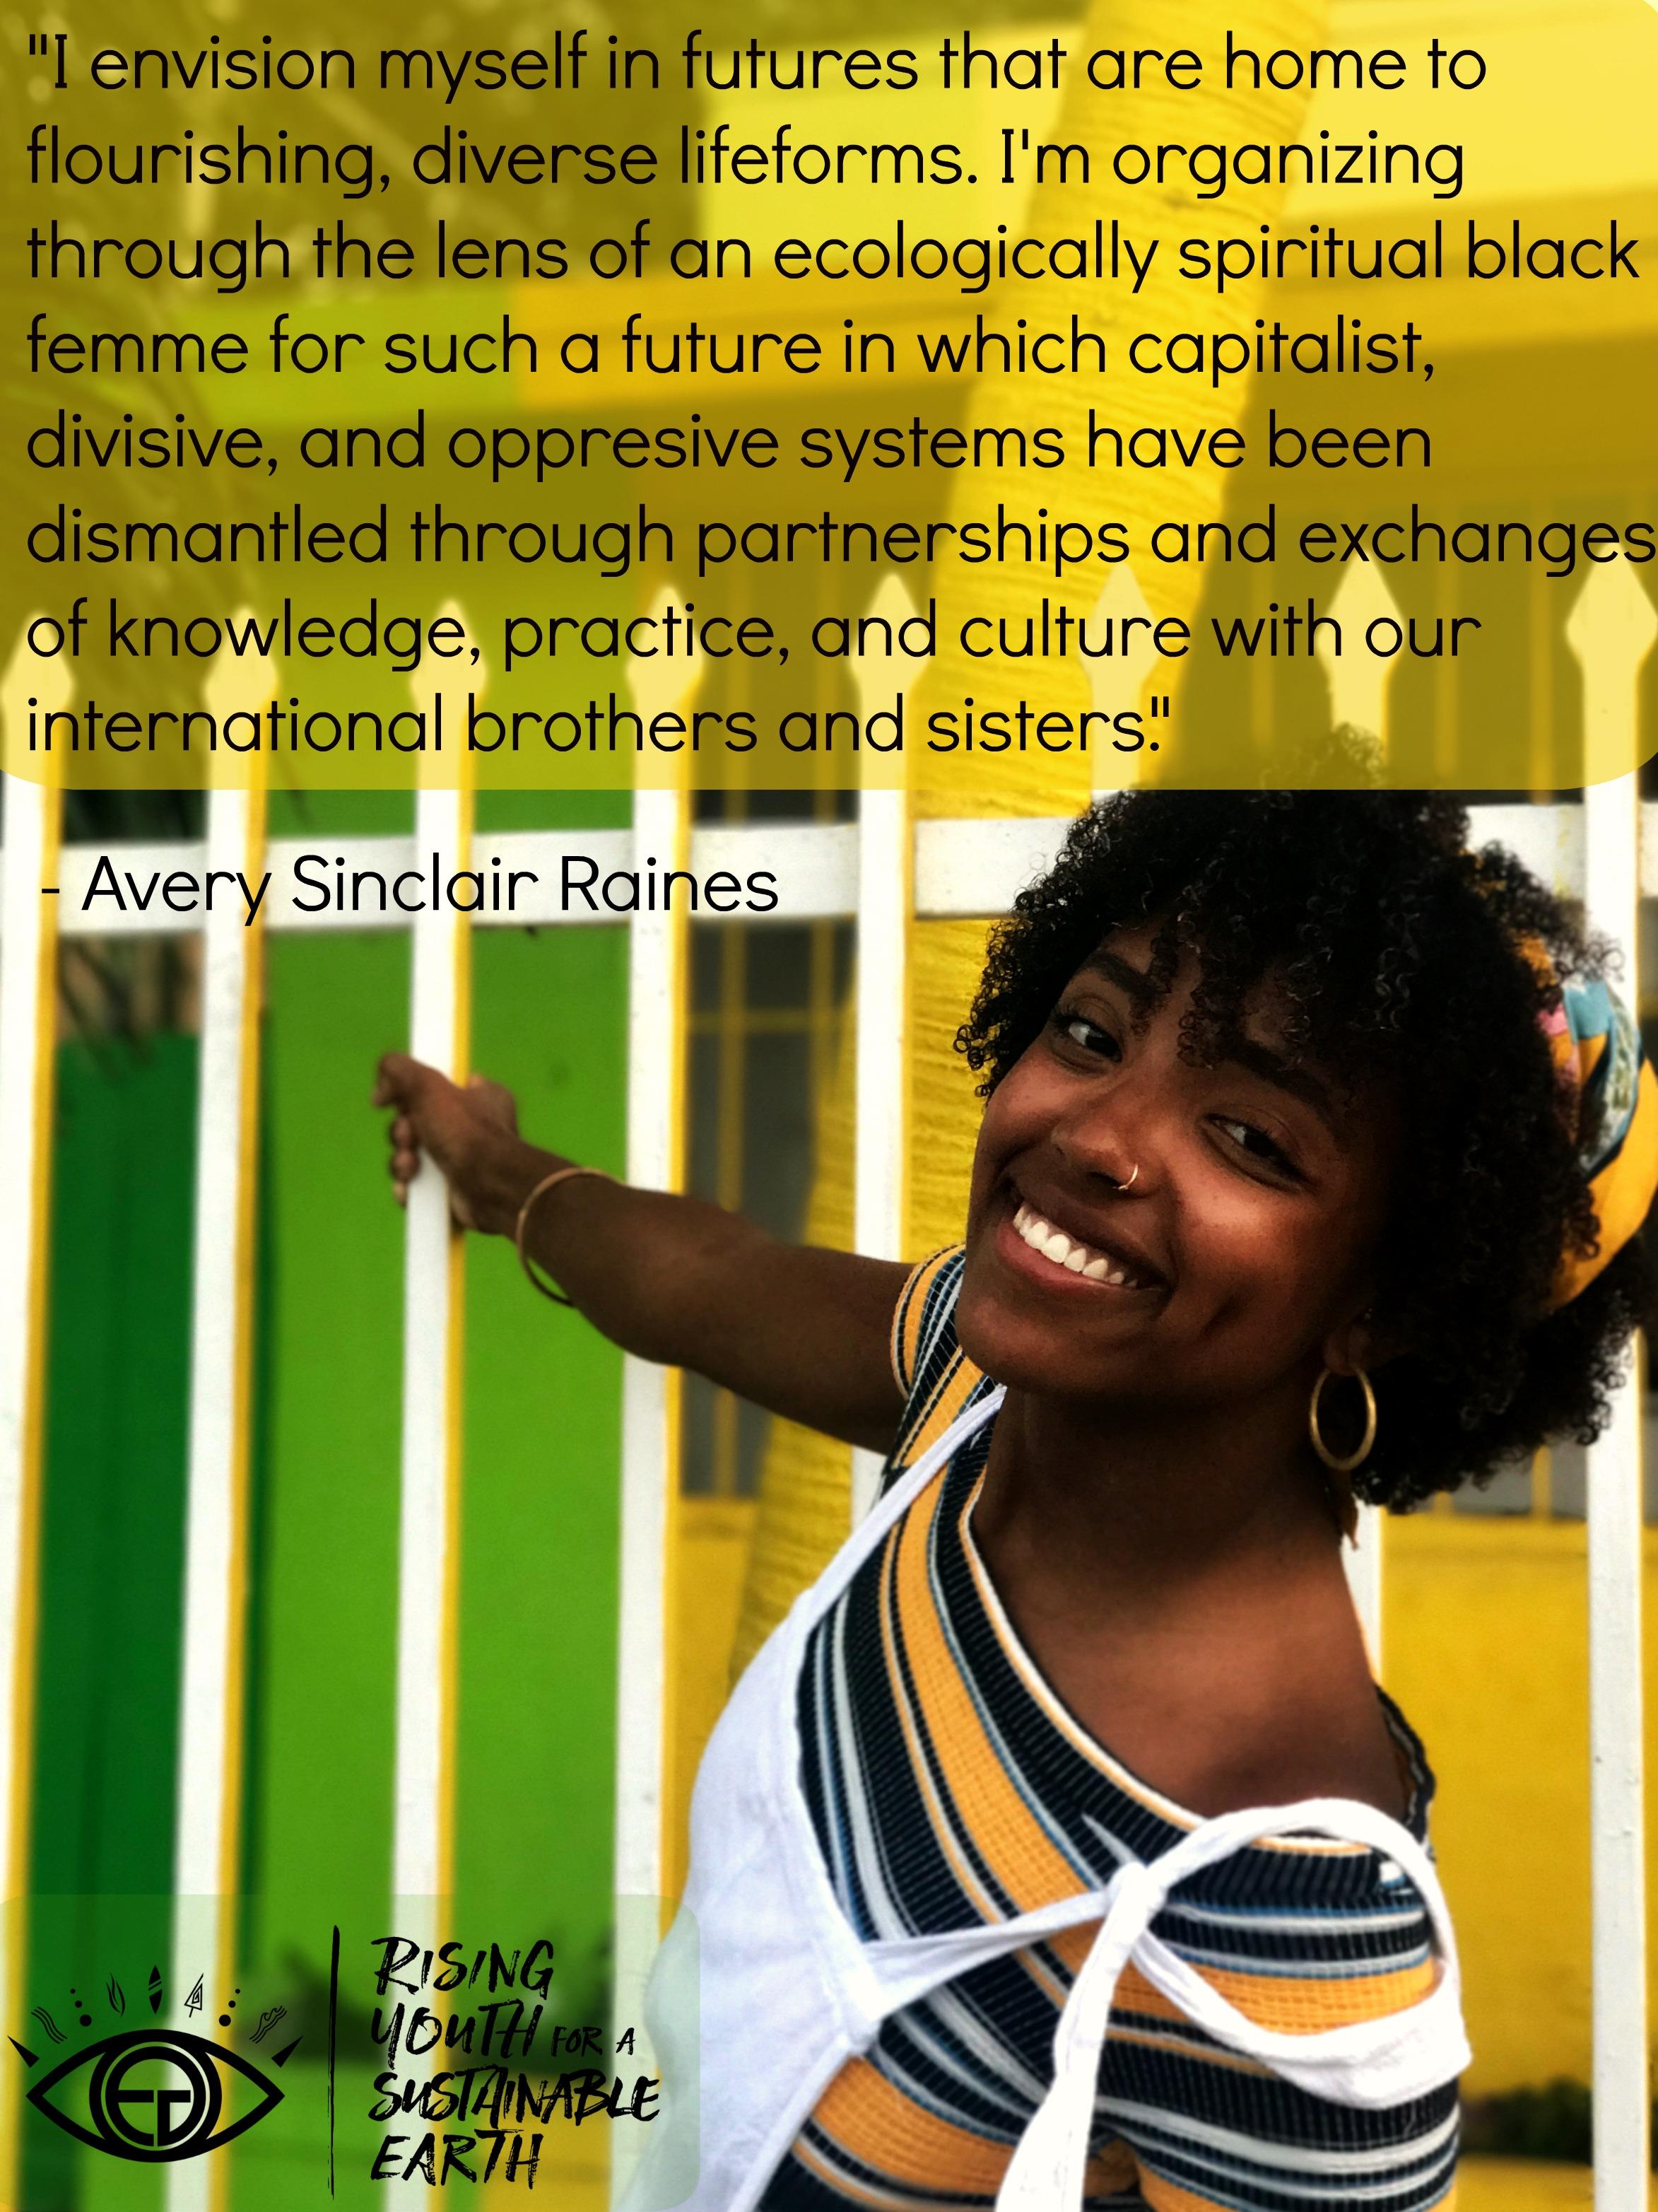 Avery Raines, age 22